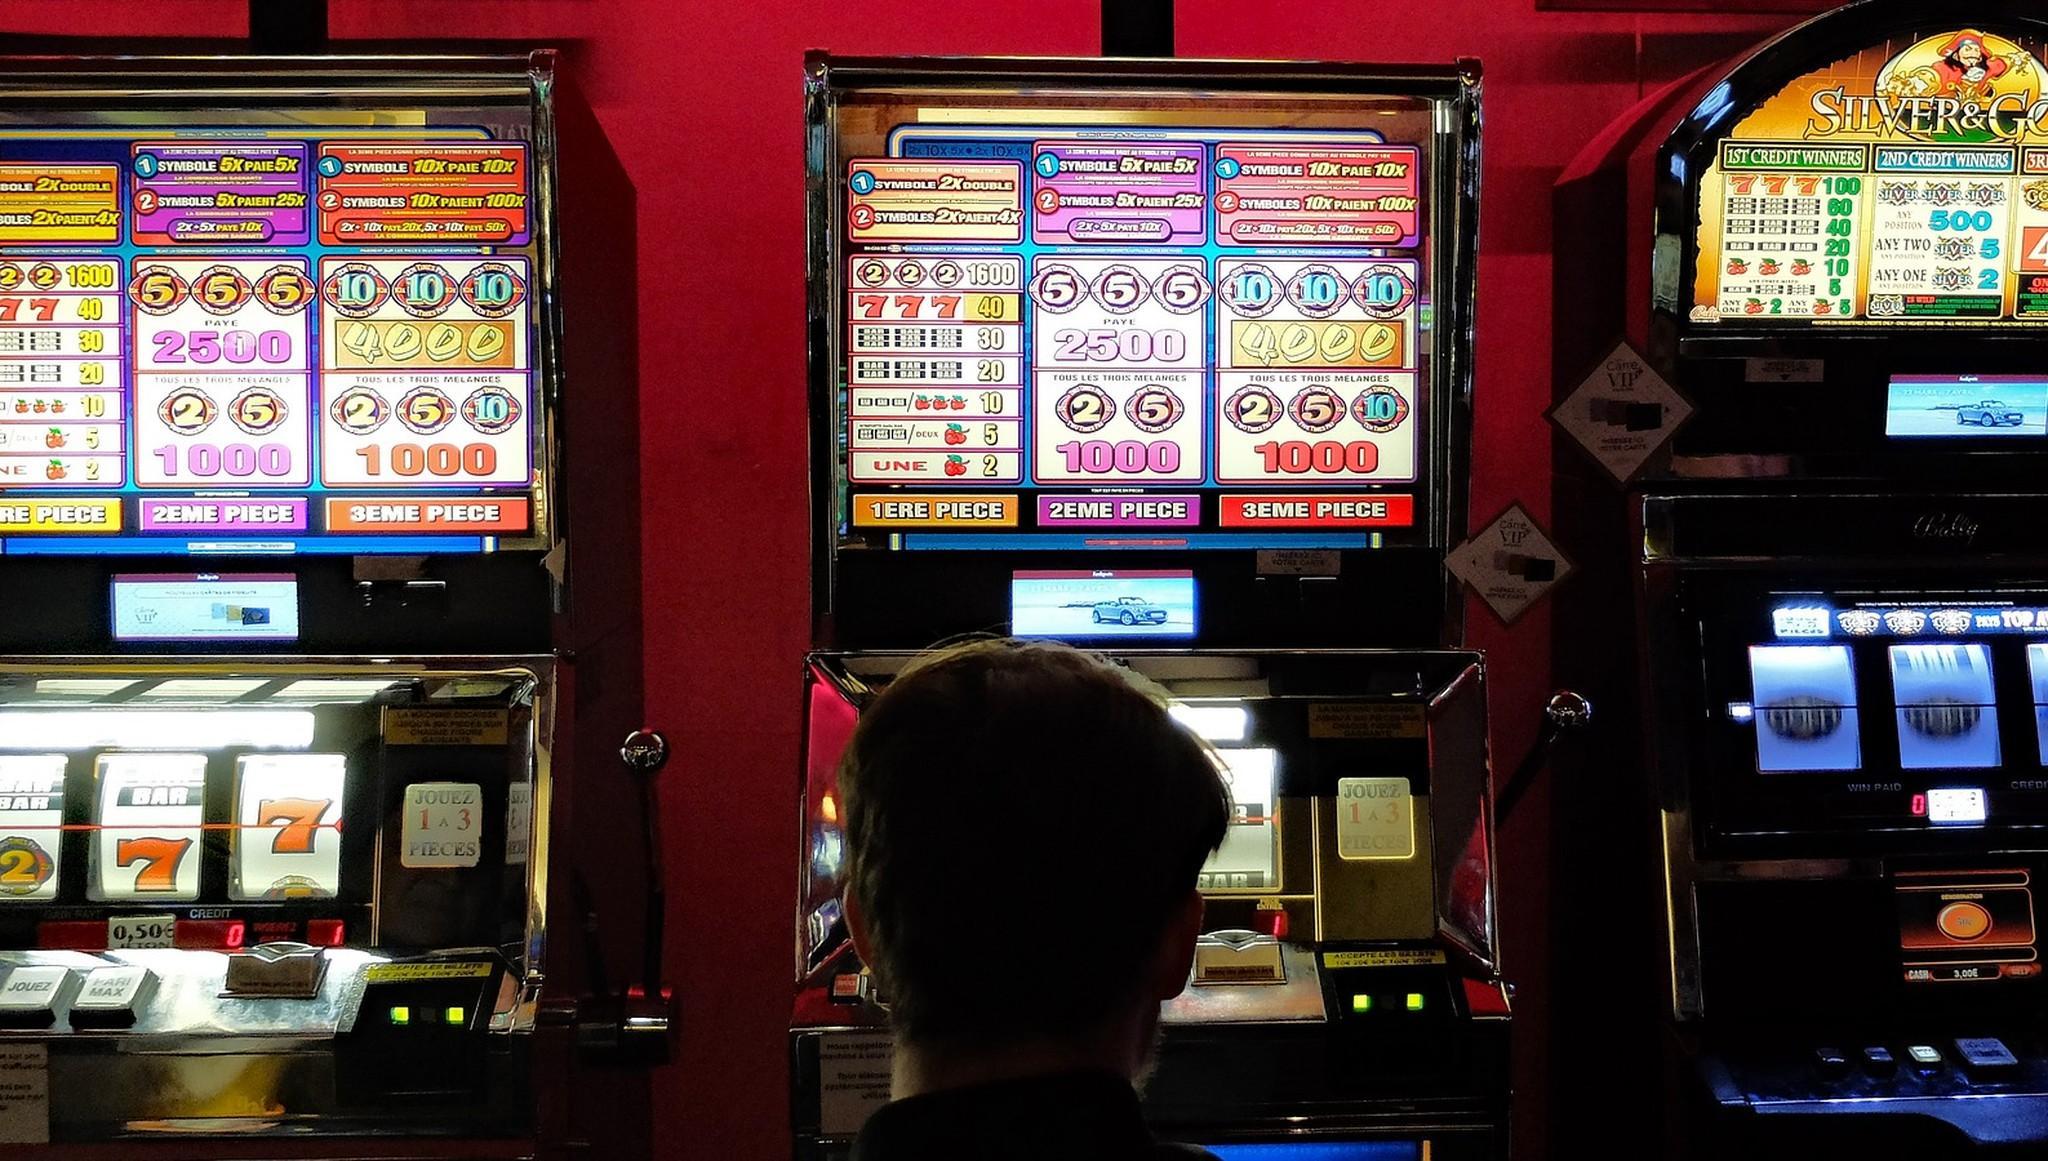 В Ржеве Тверской области осуждены организаторы подпольных азартных игр - новости Афанасий